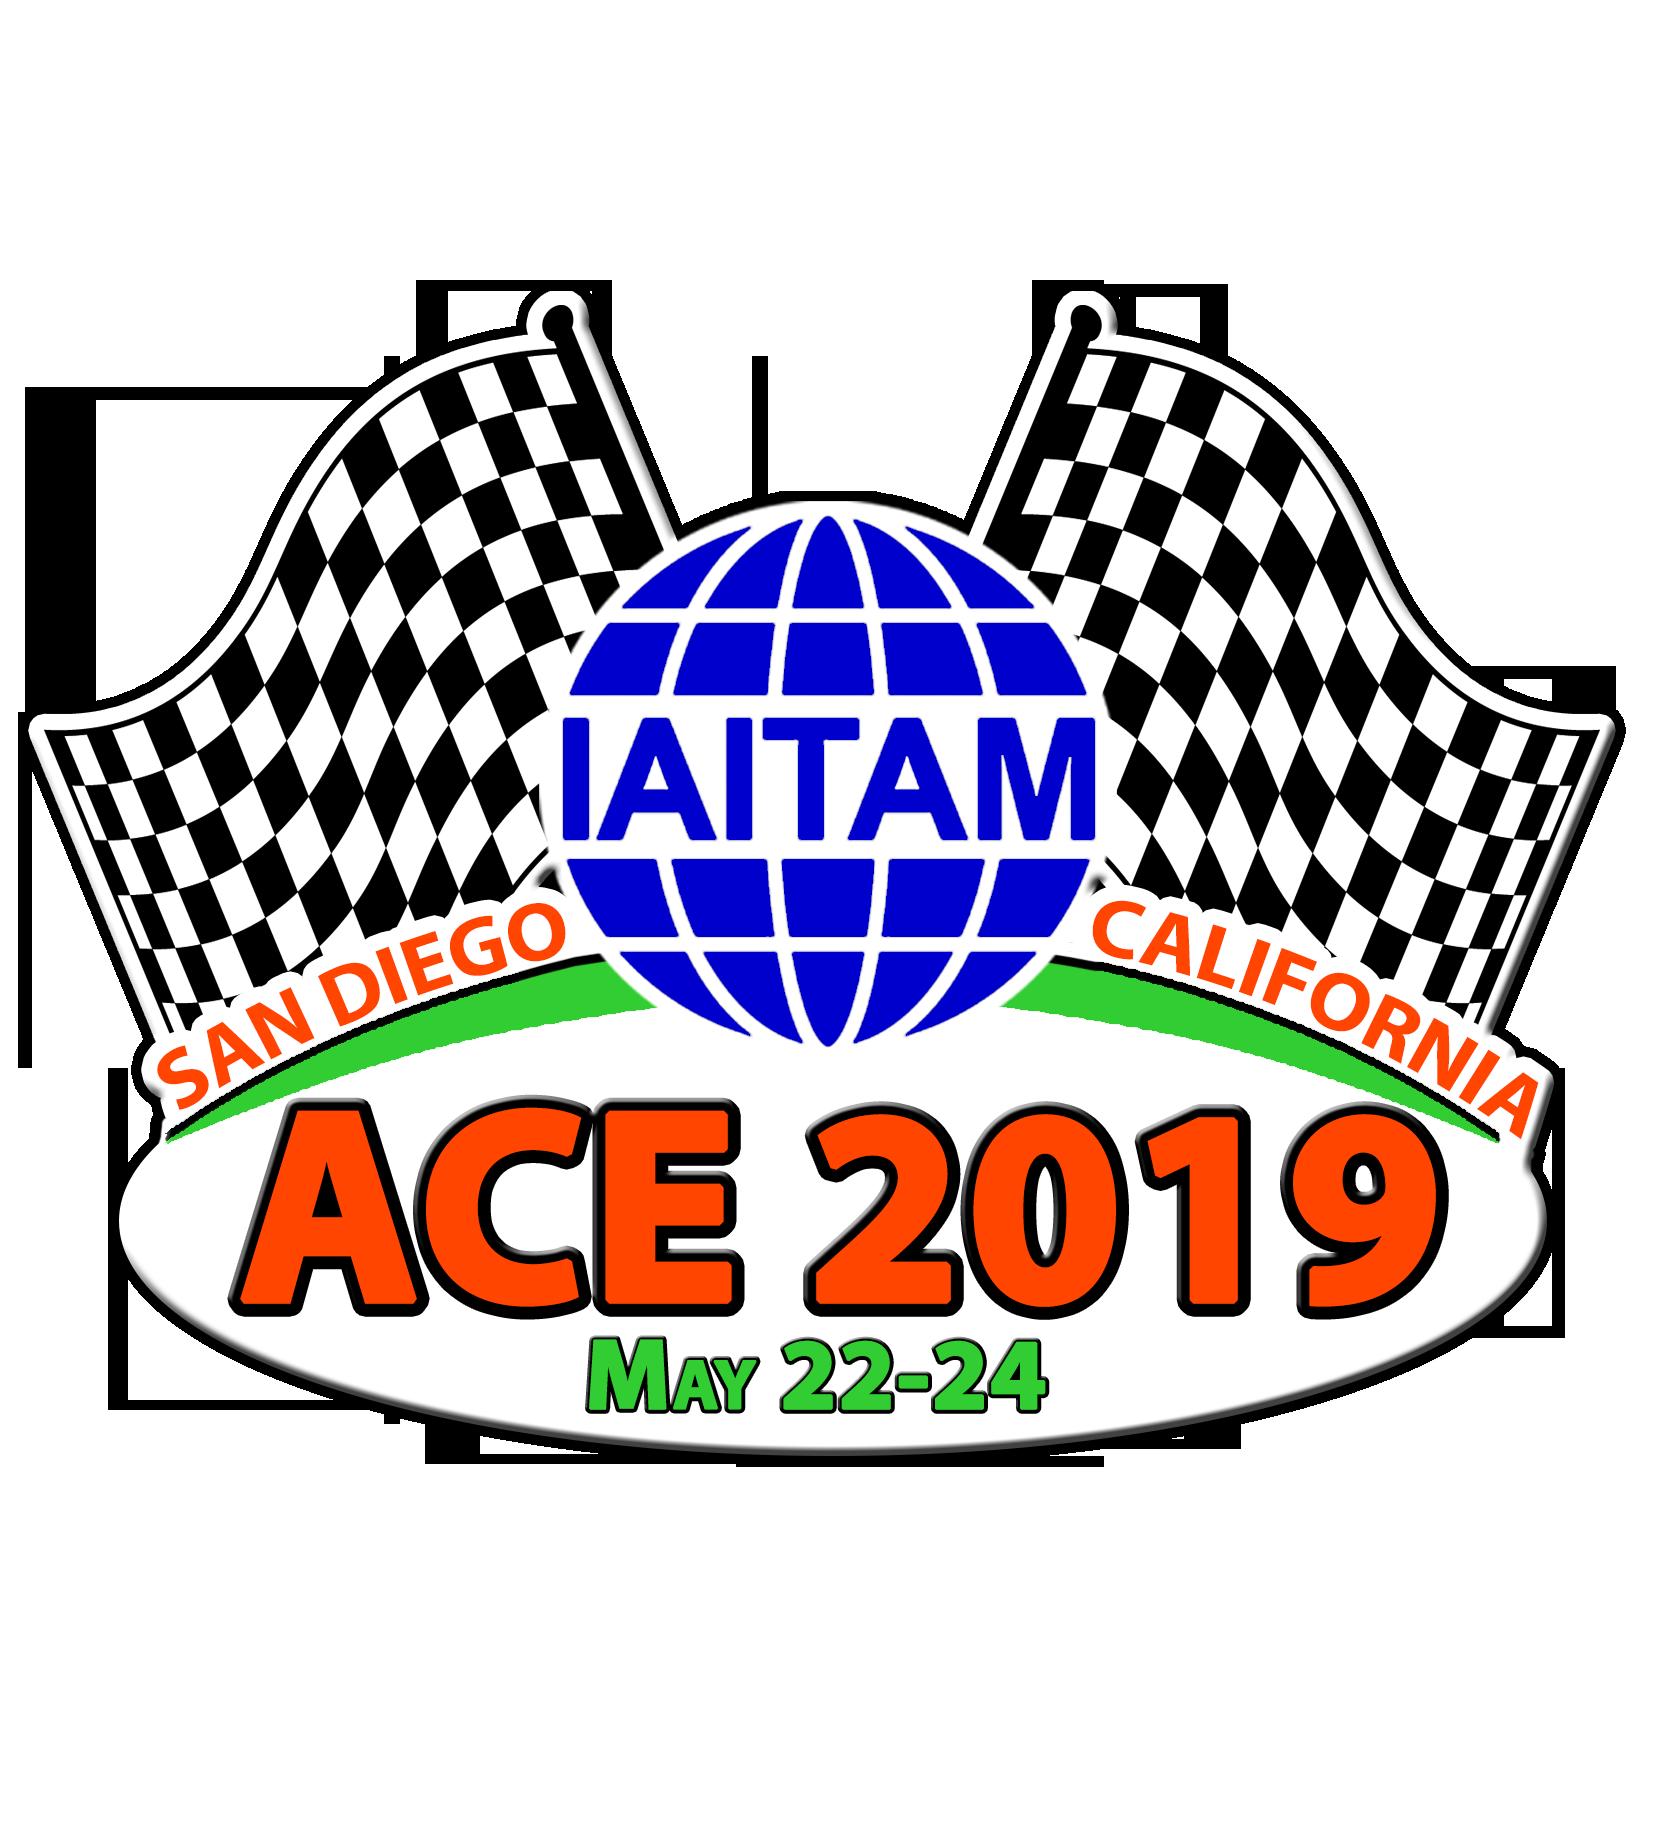 ACE ITAM Conference - IAITAM